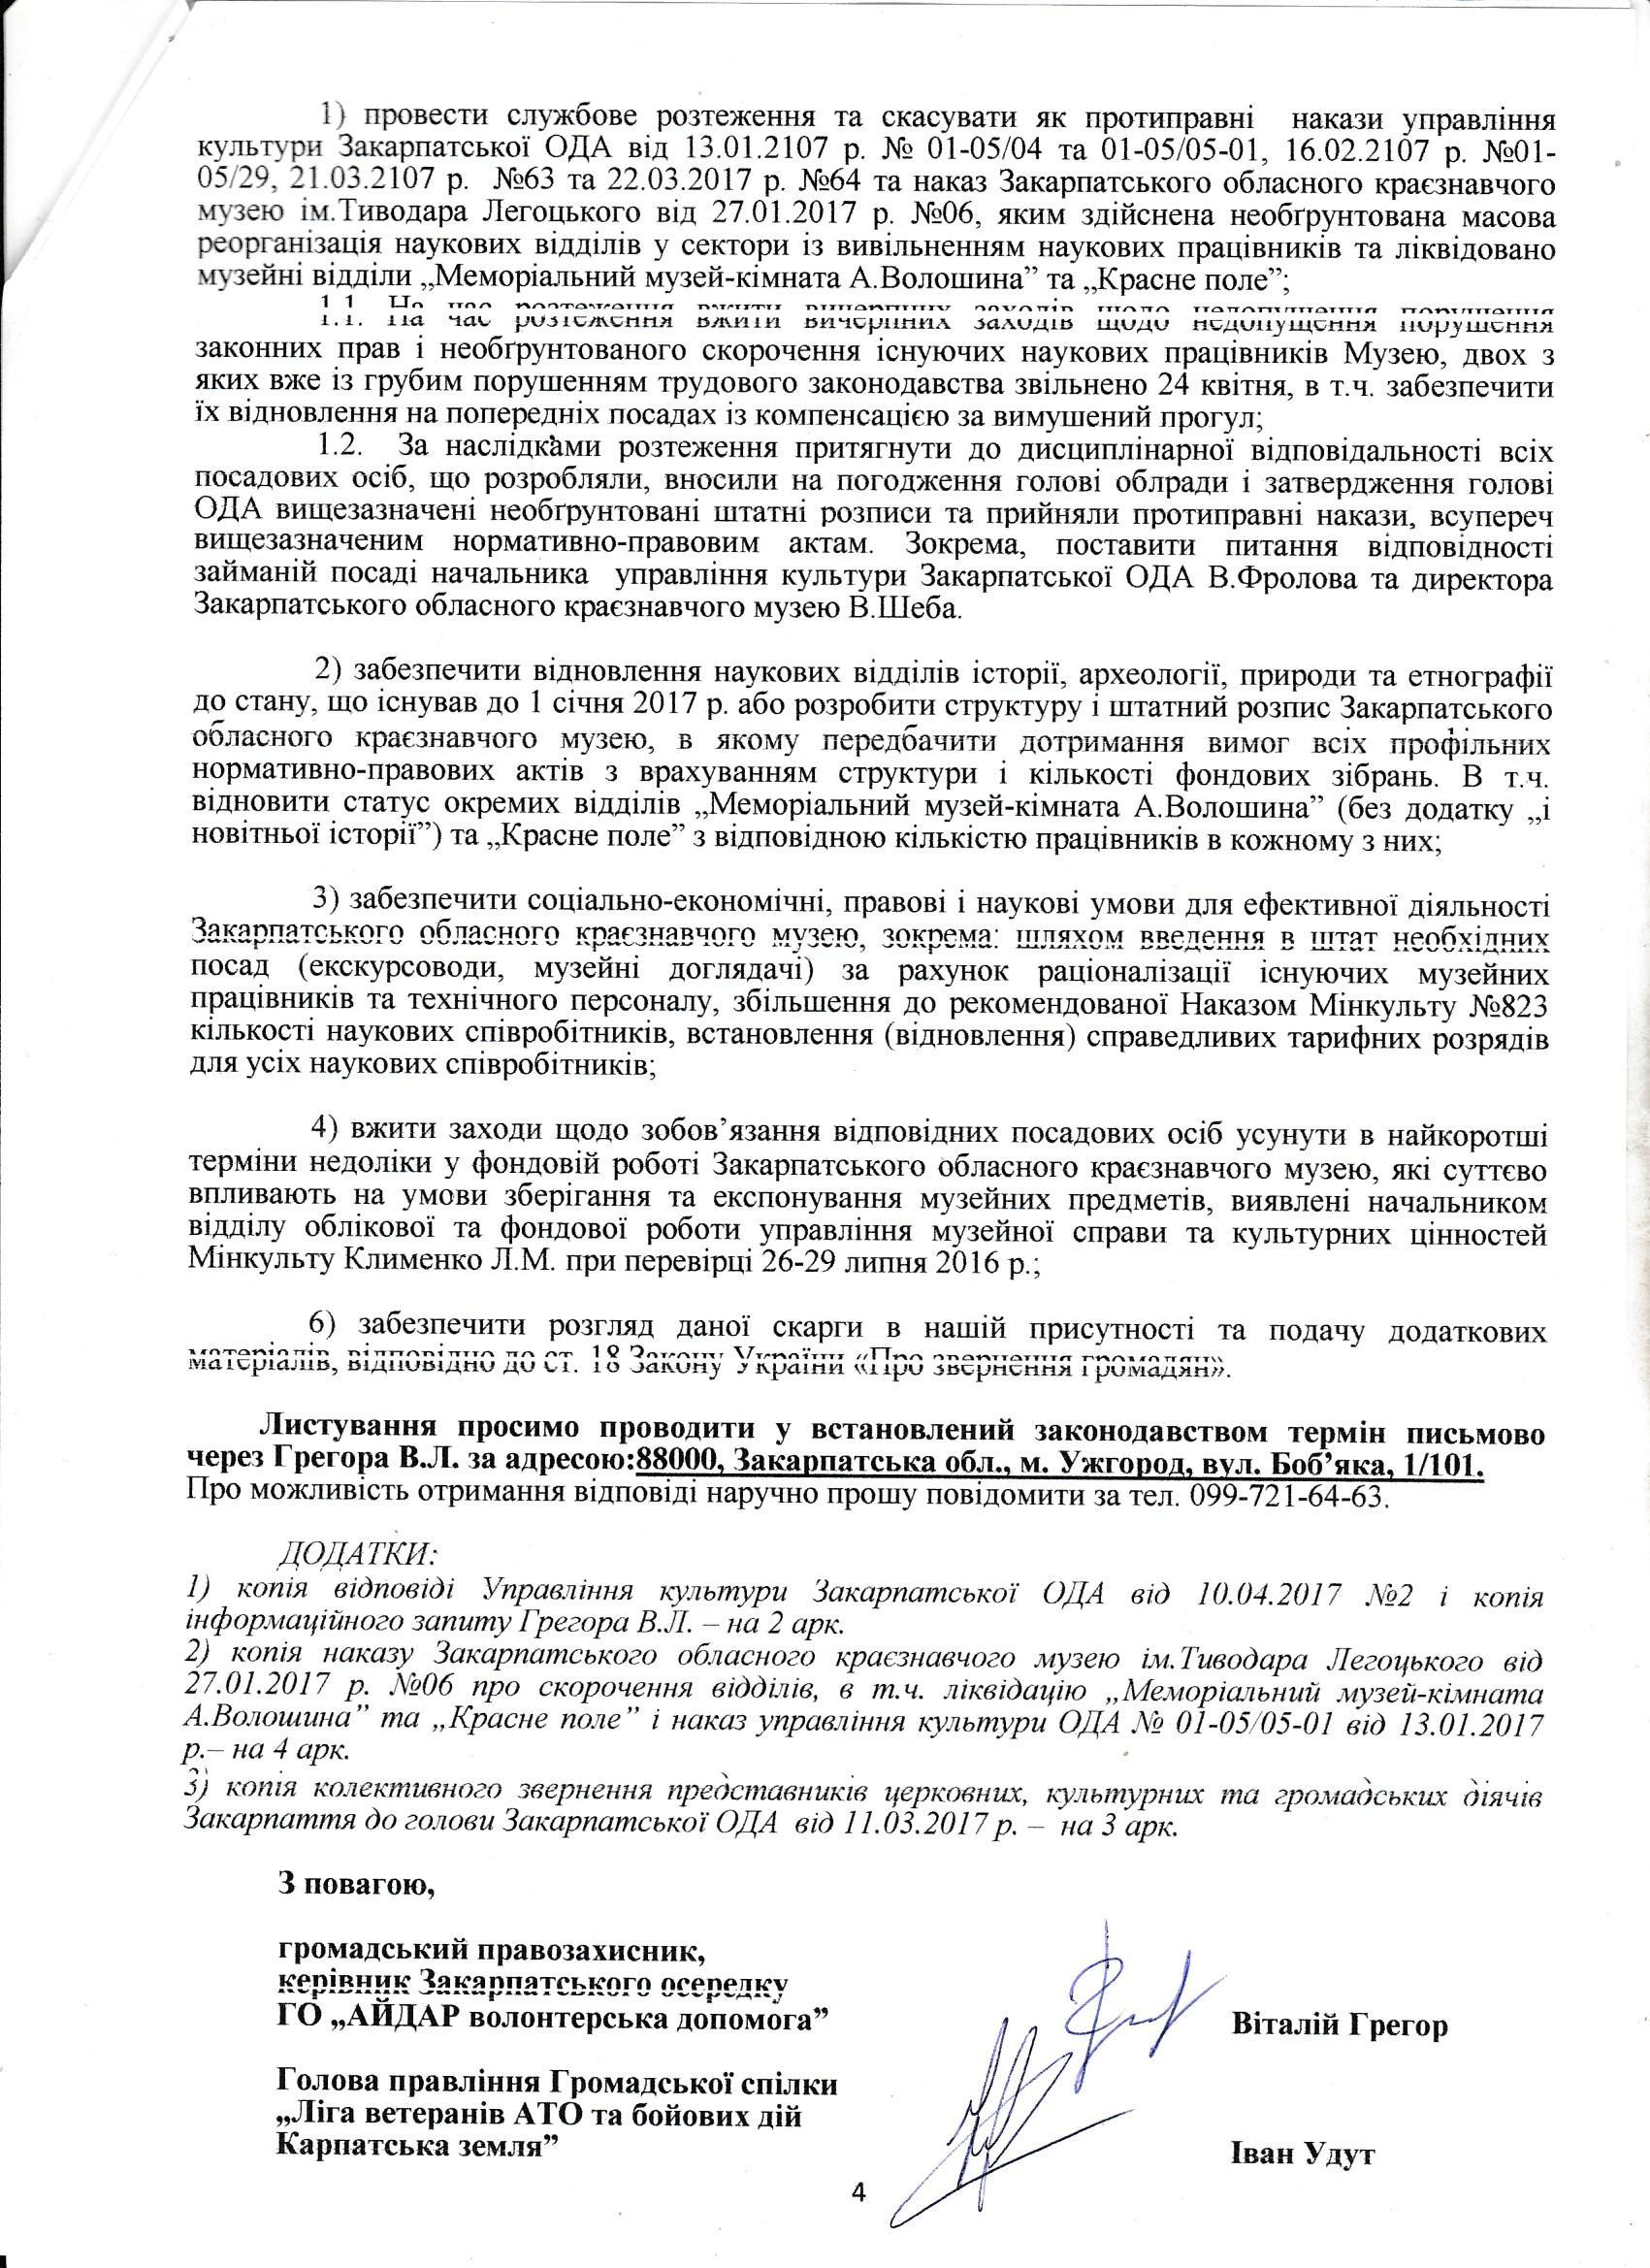 Мінкульт та ОДА просять звільнити директора краєзнавчого музею за деструктивні дії з ознаками українофобства